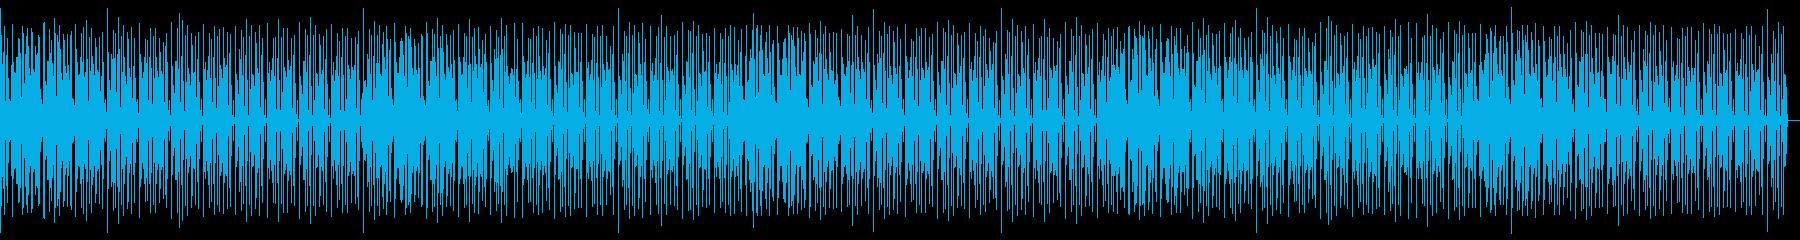 ヒップホップ・R&Bおしゃれエンディングの再生済みの波形